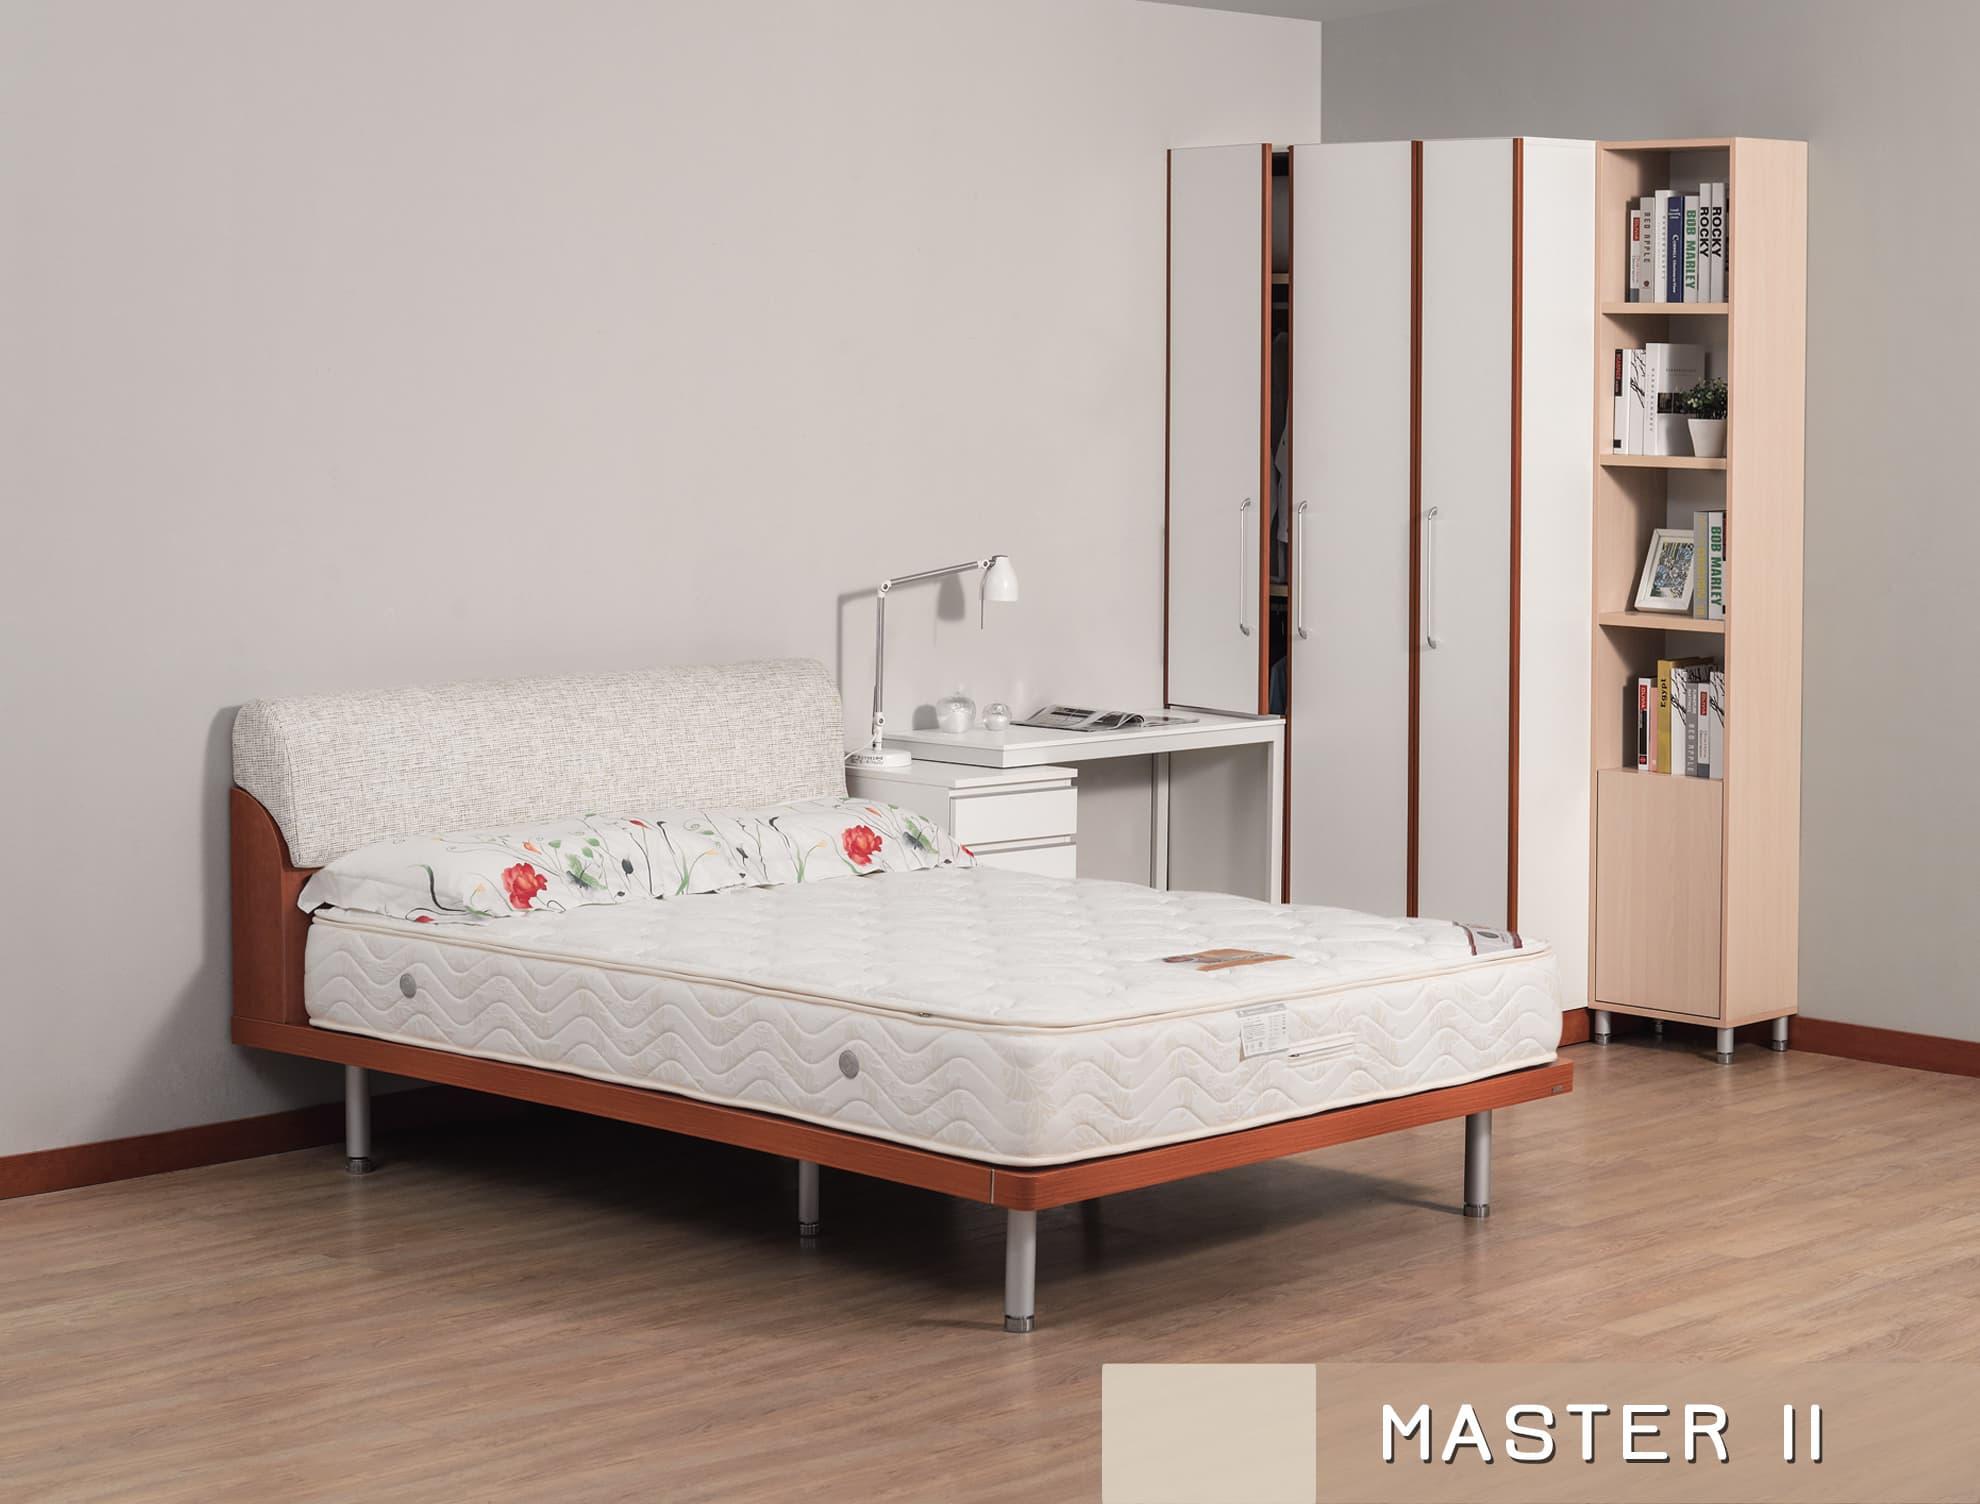 master_ii